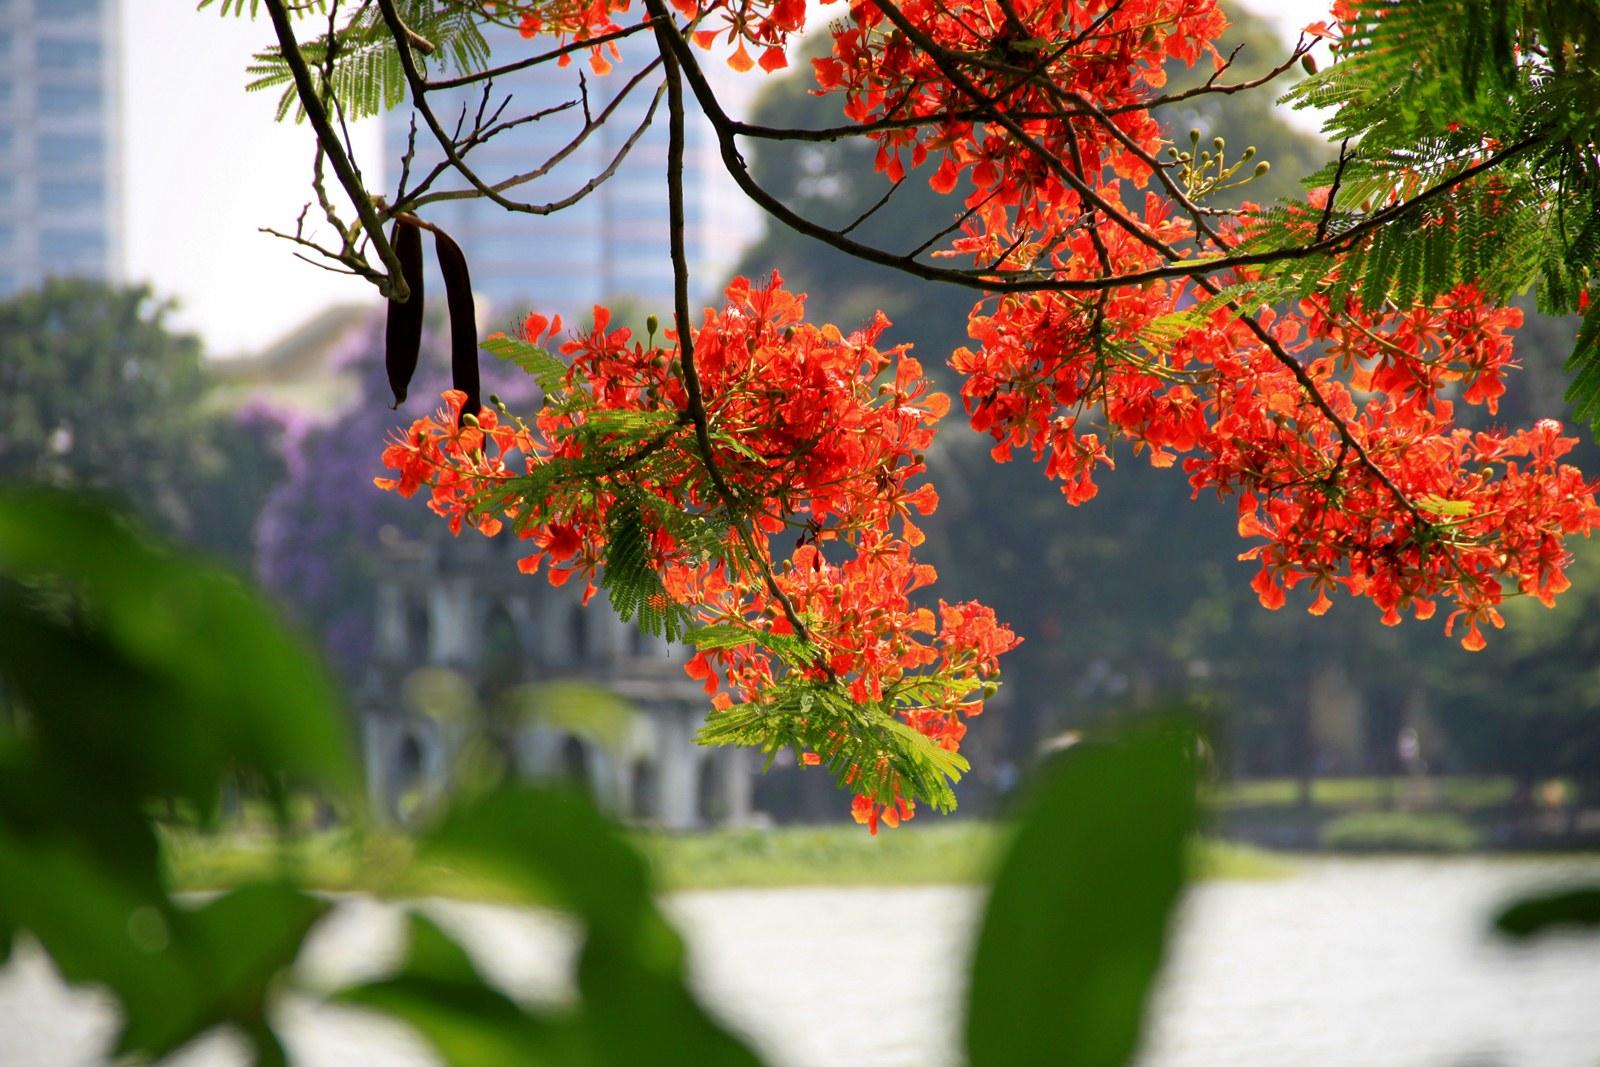 Hoa phượng bên hồ Gươm. Hình: Sưu tầm